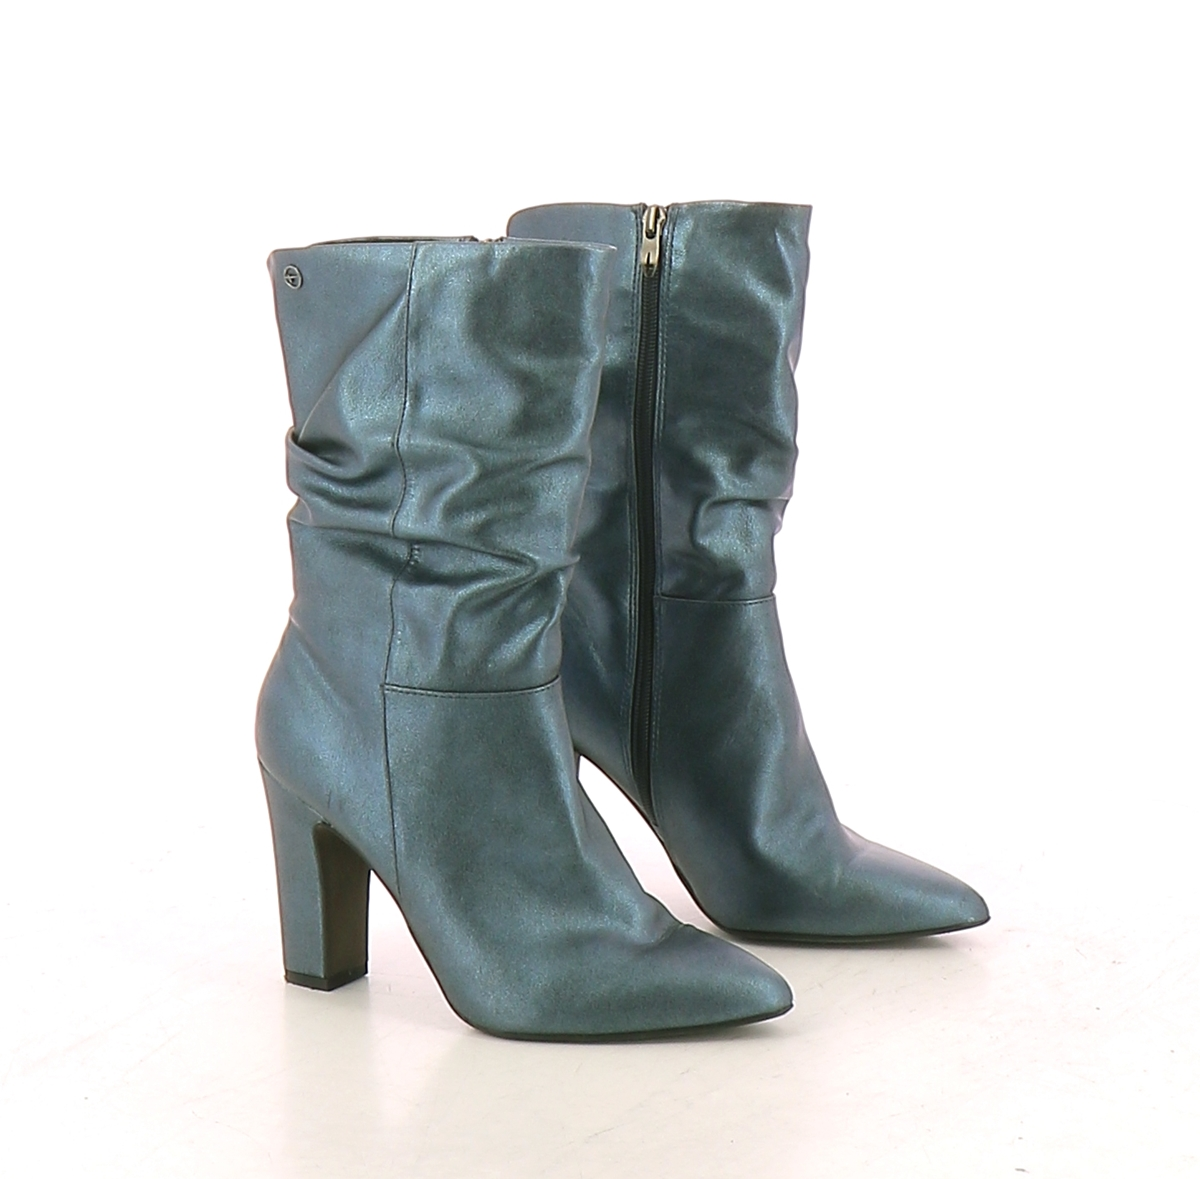 Bottines Low Boots TAMARIS Chaussures pas cher en Achat